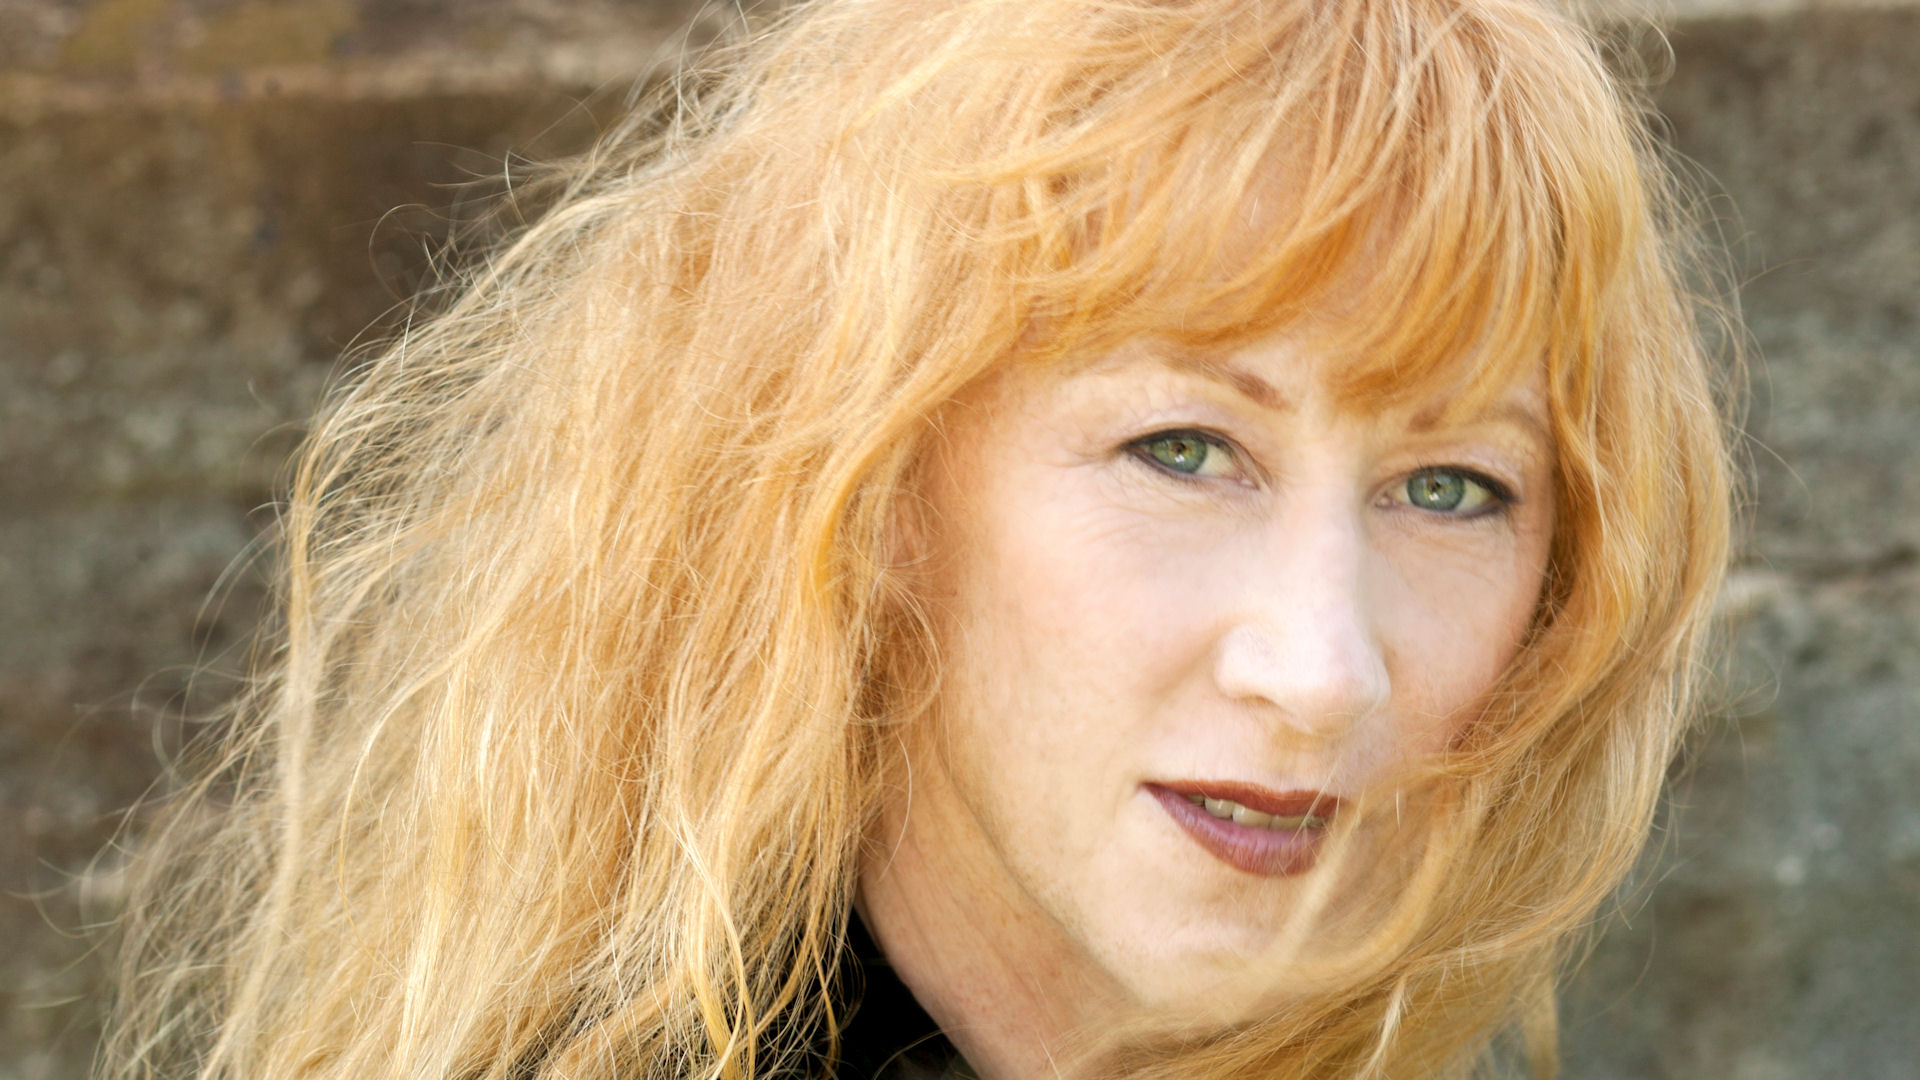 El trantra cristiano de Loreena Mckennitt 308590